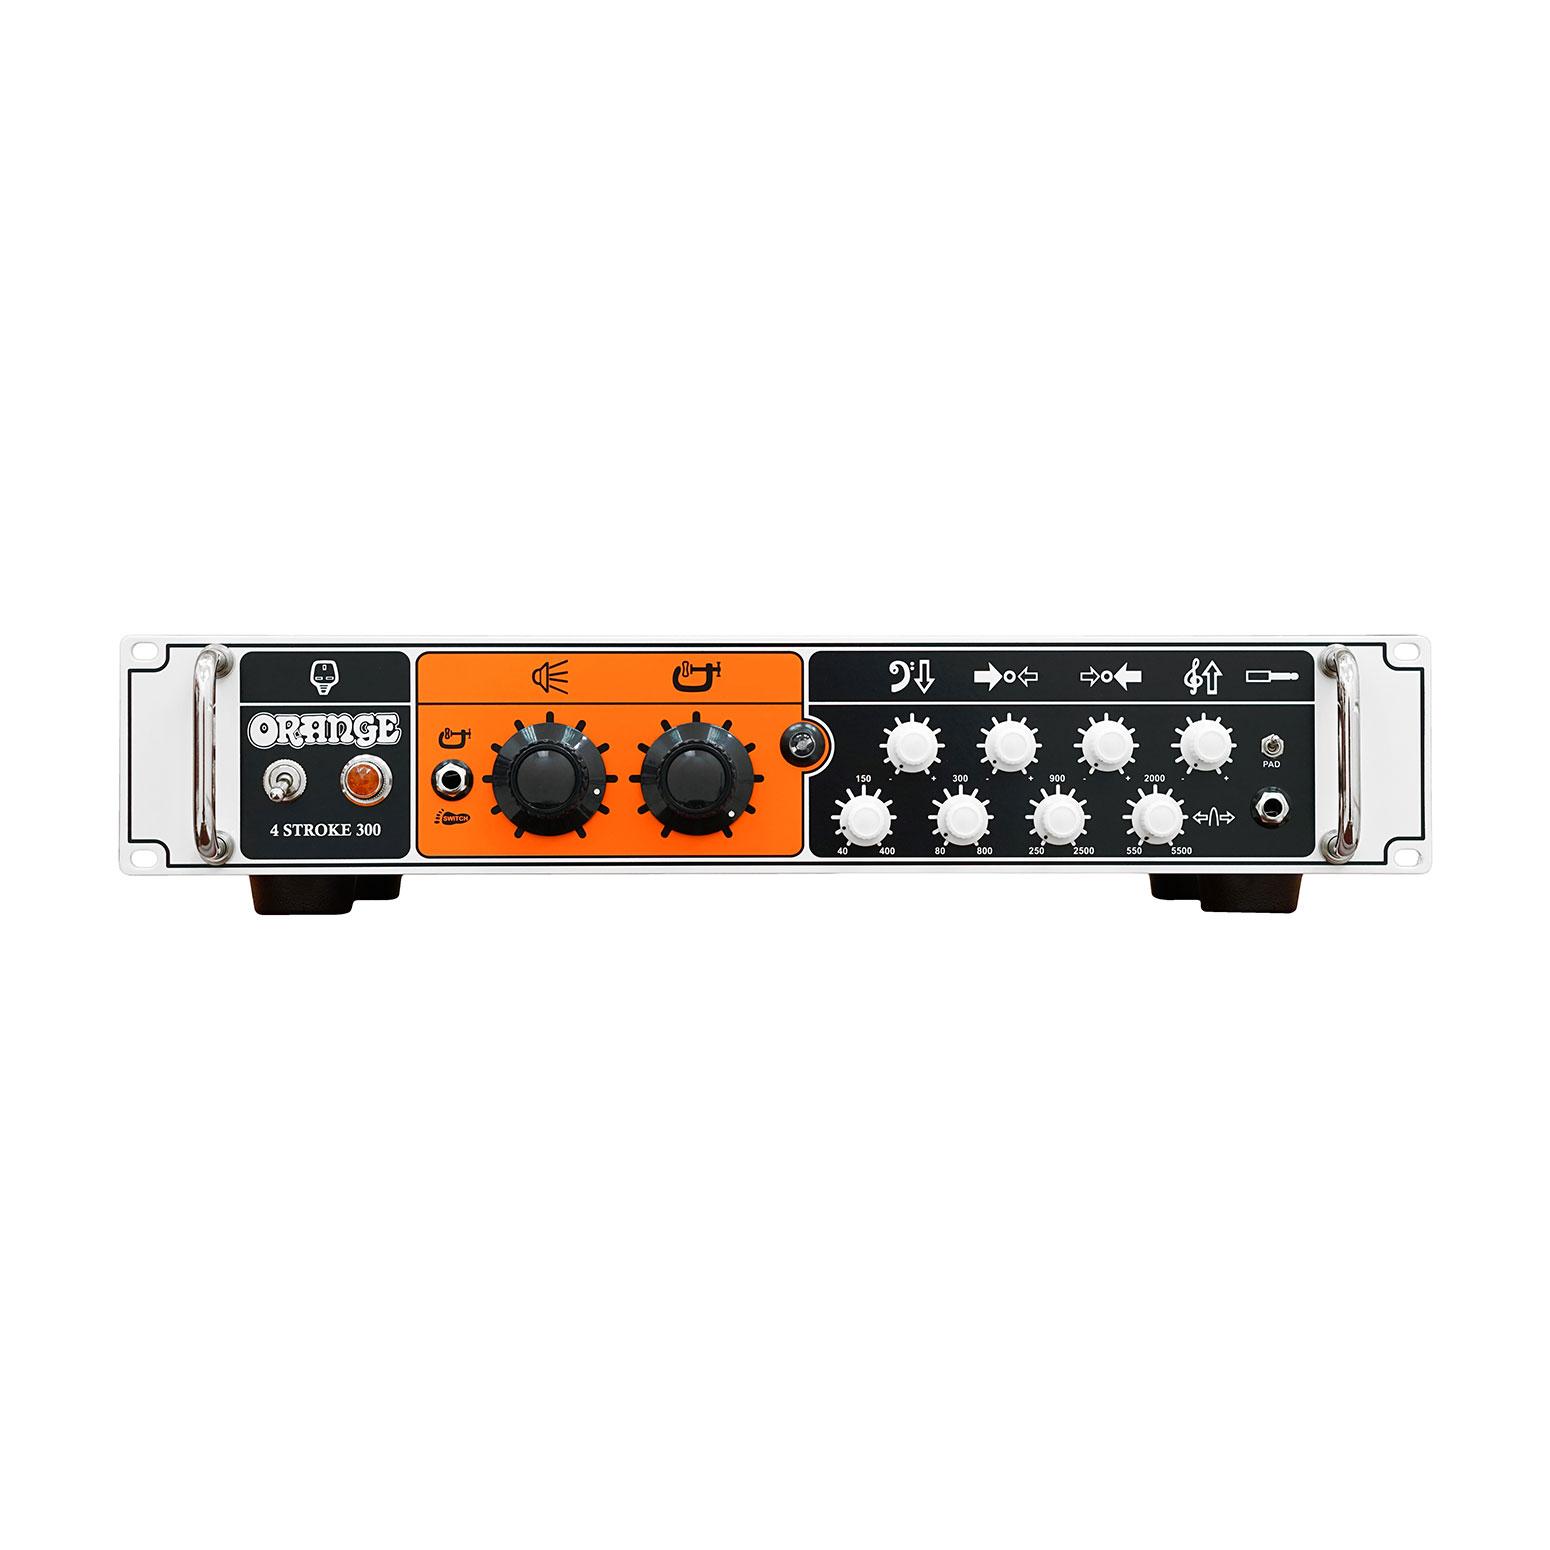 Orange 4-STROKE-300